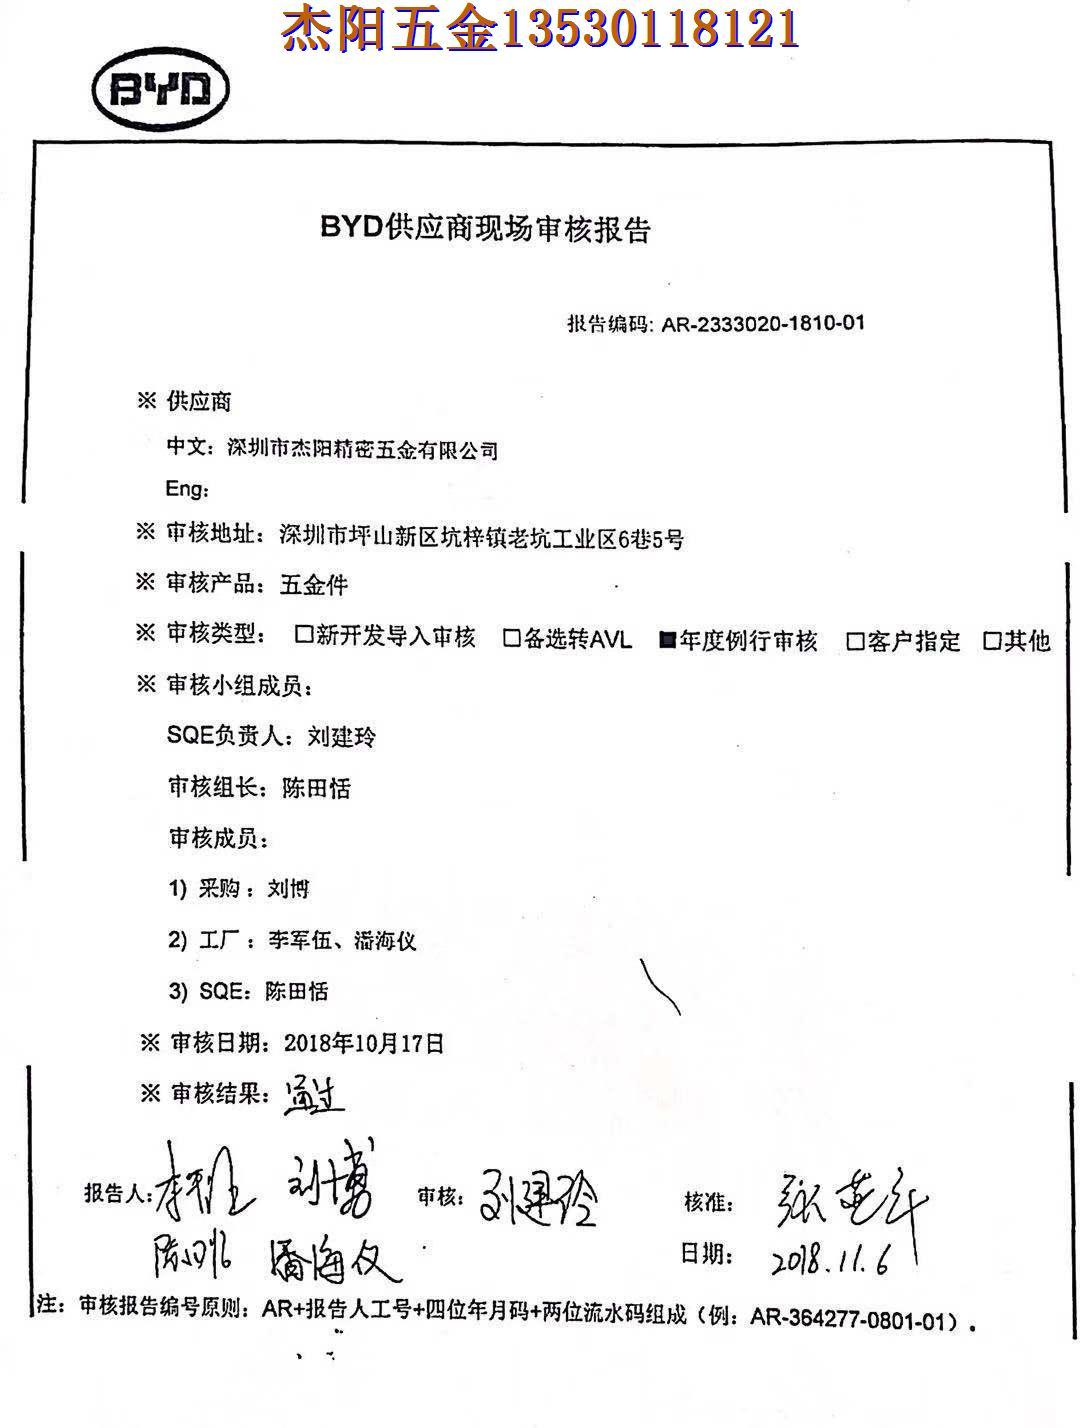 比亚迪公司18年对杰阳公司审核报告